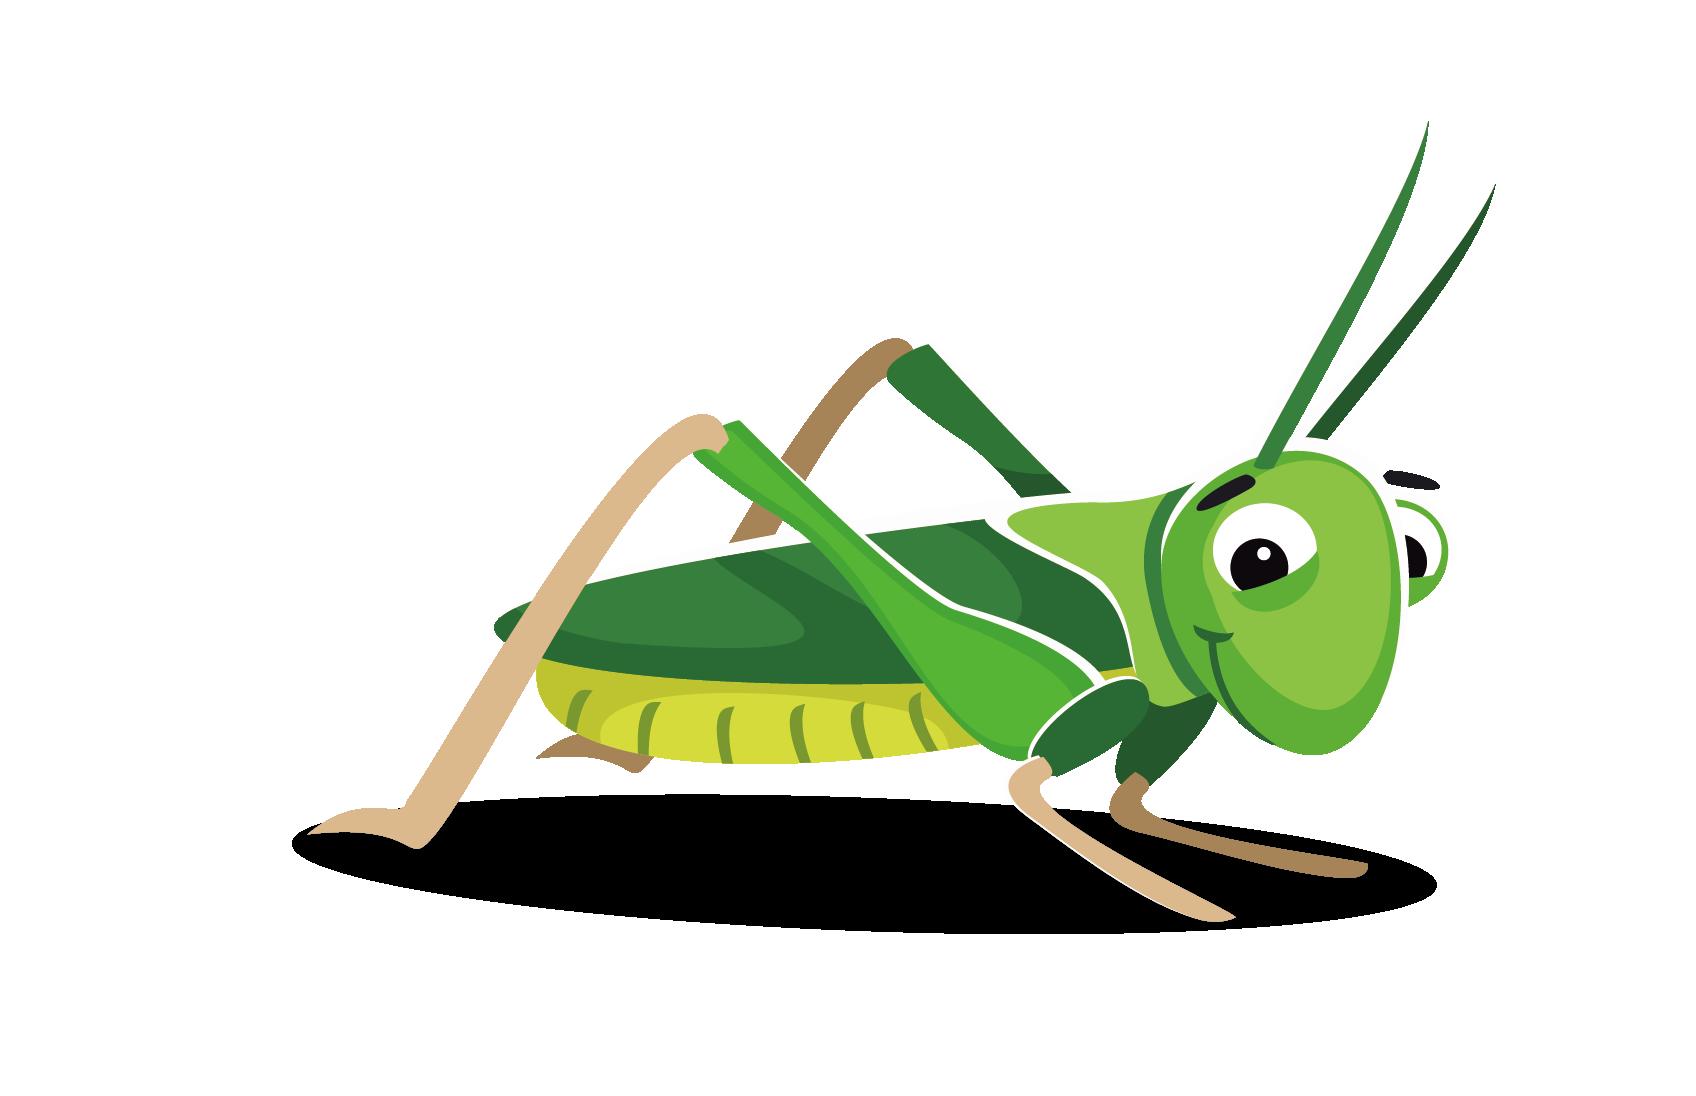 1696x1096 Grasshopper Cartoon Clip Art